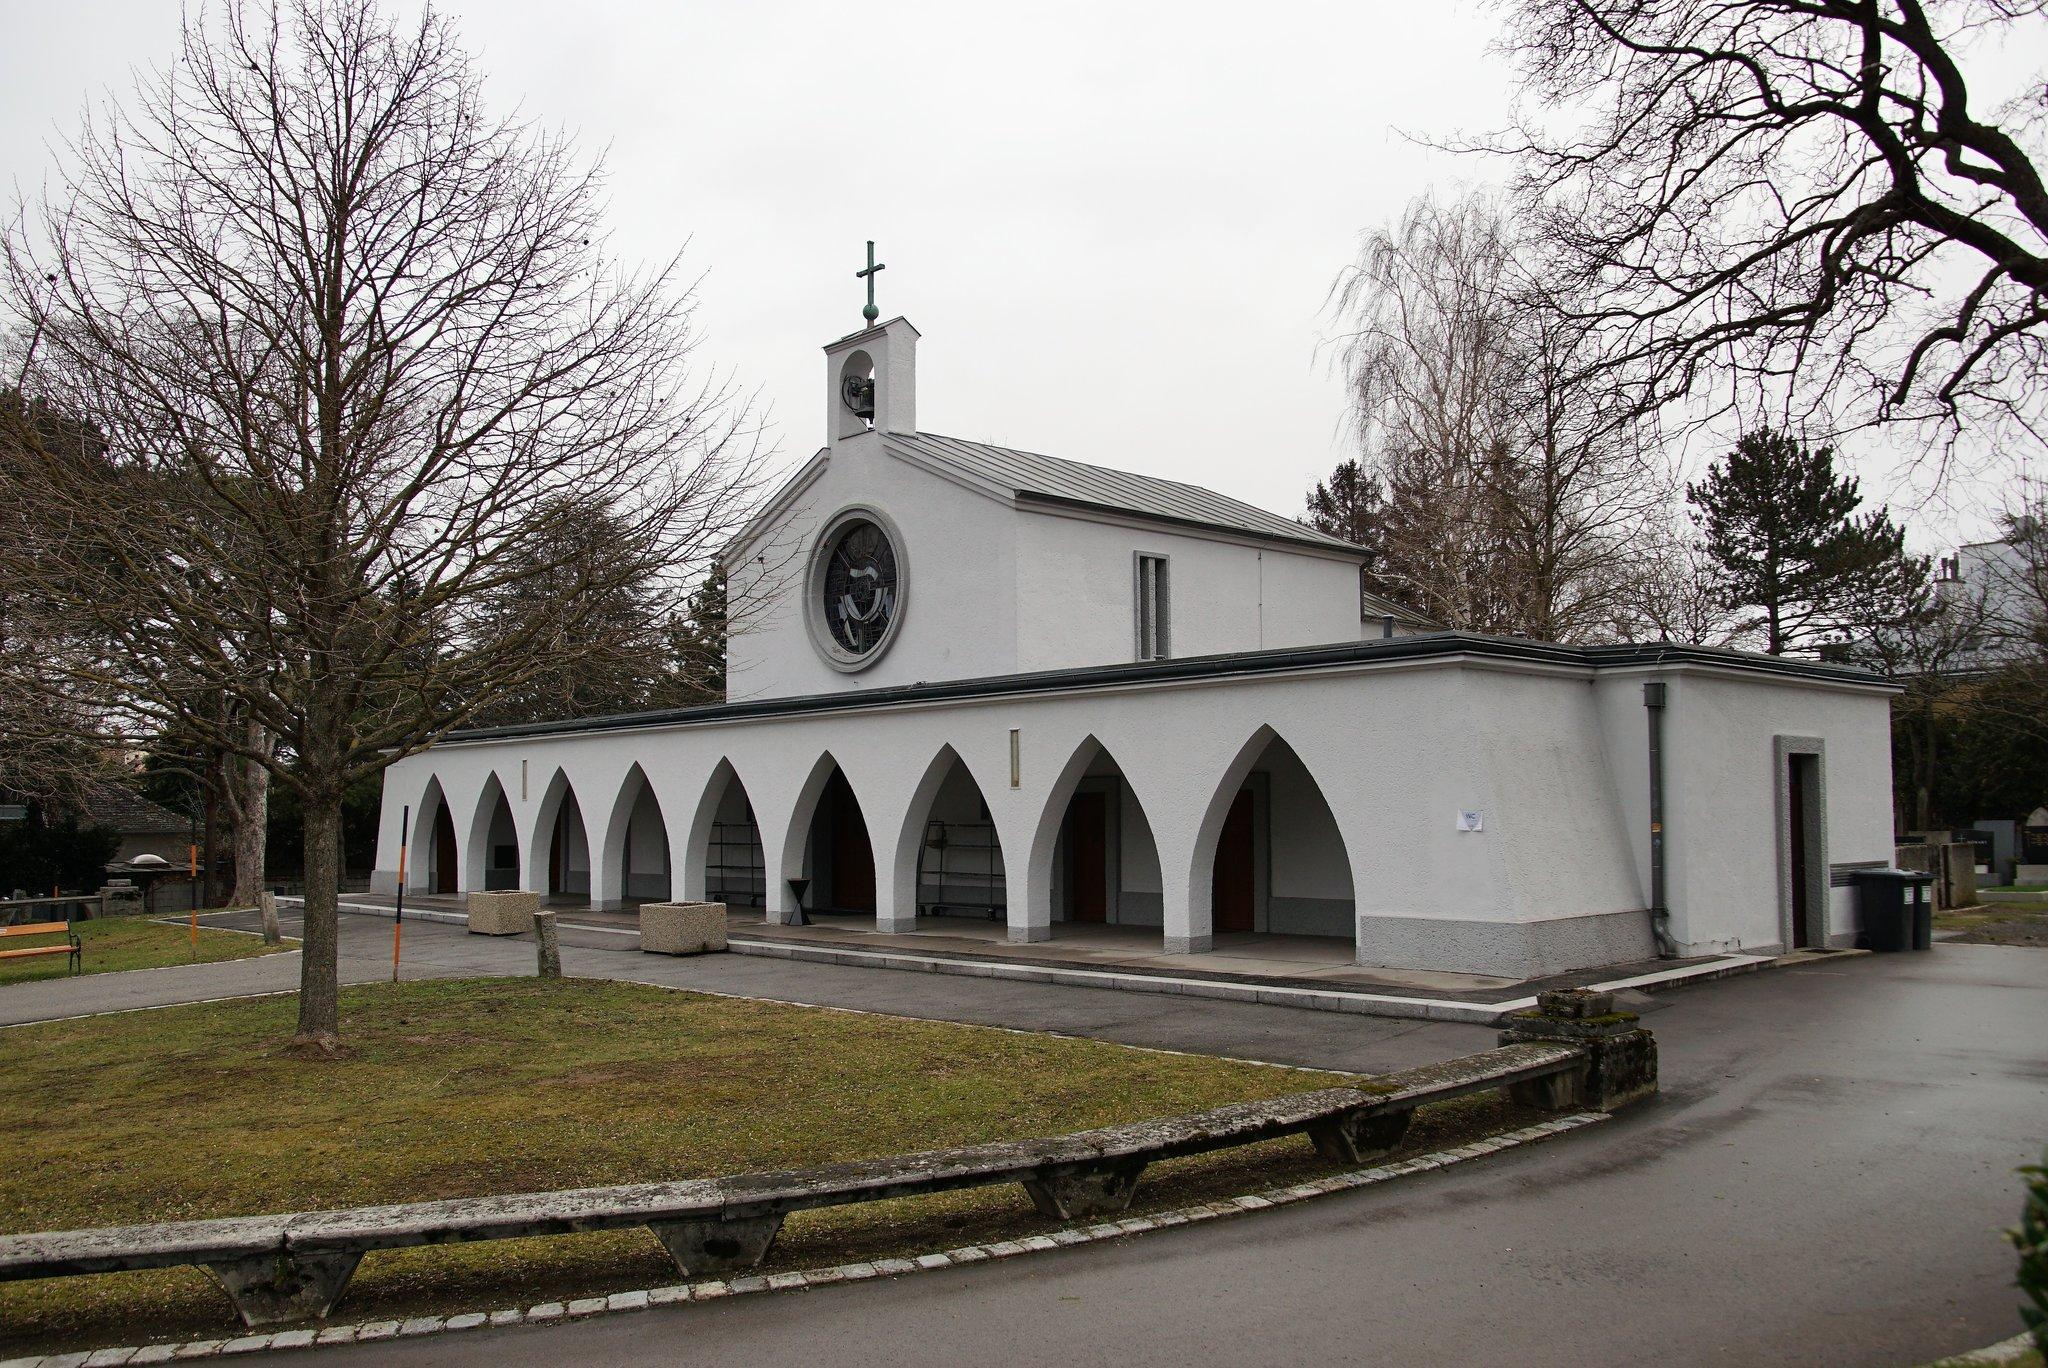 Mauer Wien